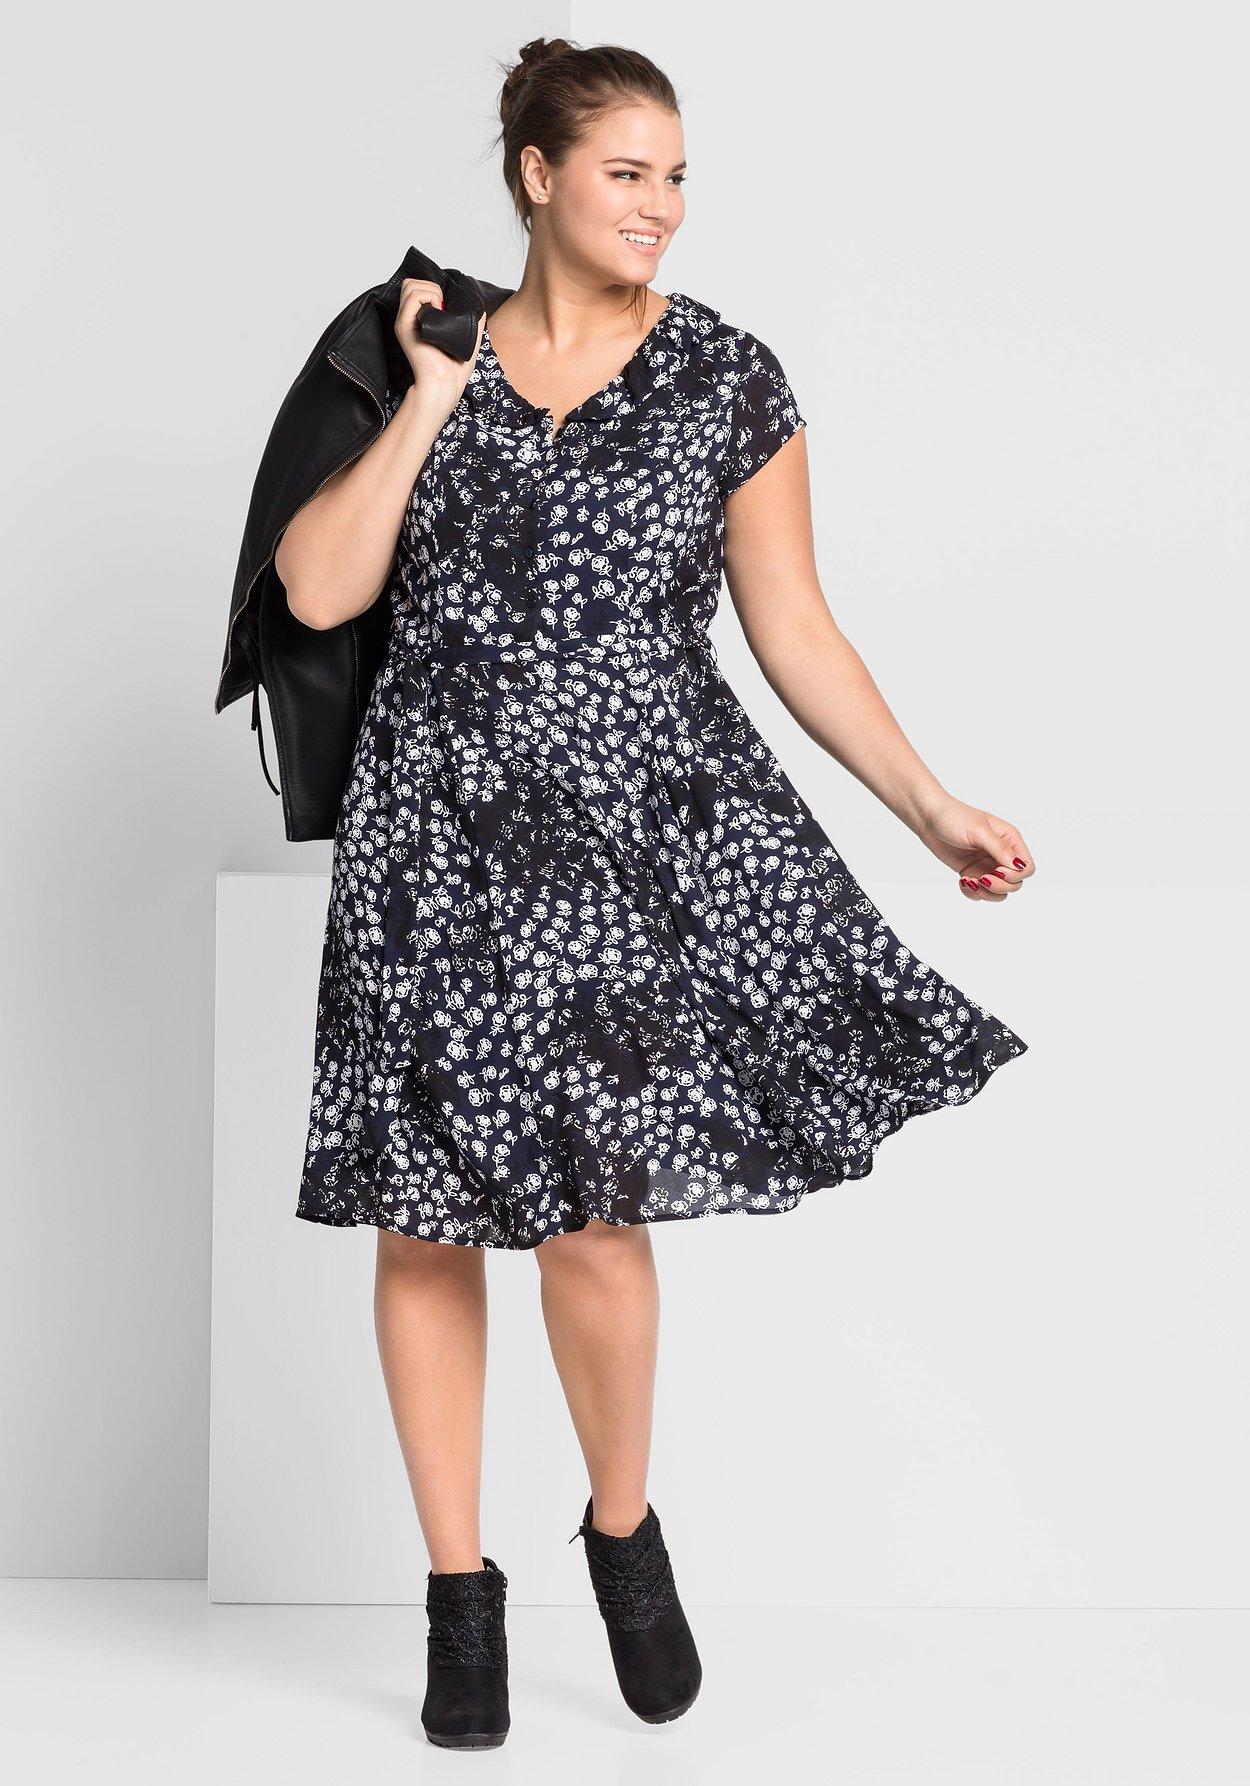 Kleid Kleid Kleid Mit BedrucktSheego Bubikragen Blau Bubikragen Mit BedrucktSheego Blau 0wPX8Onk